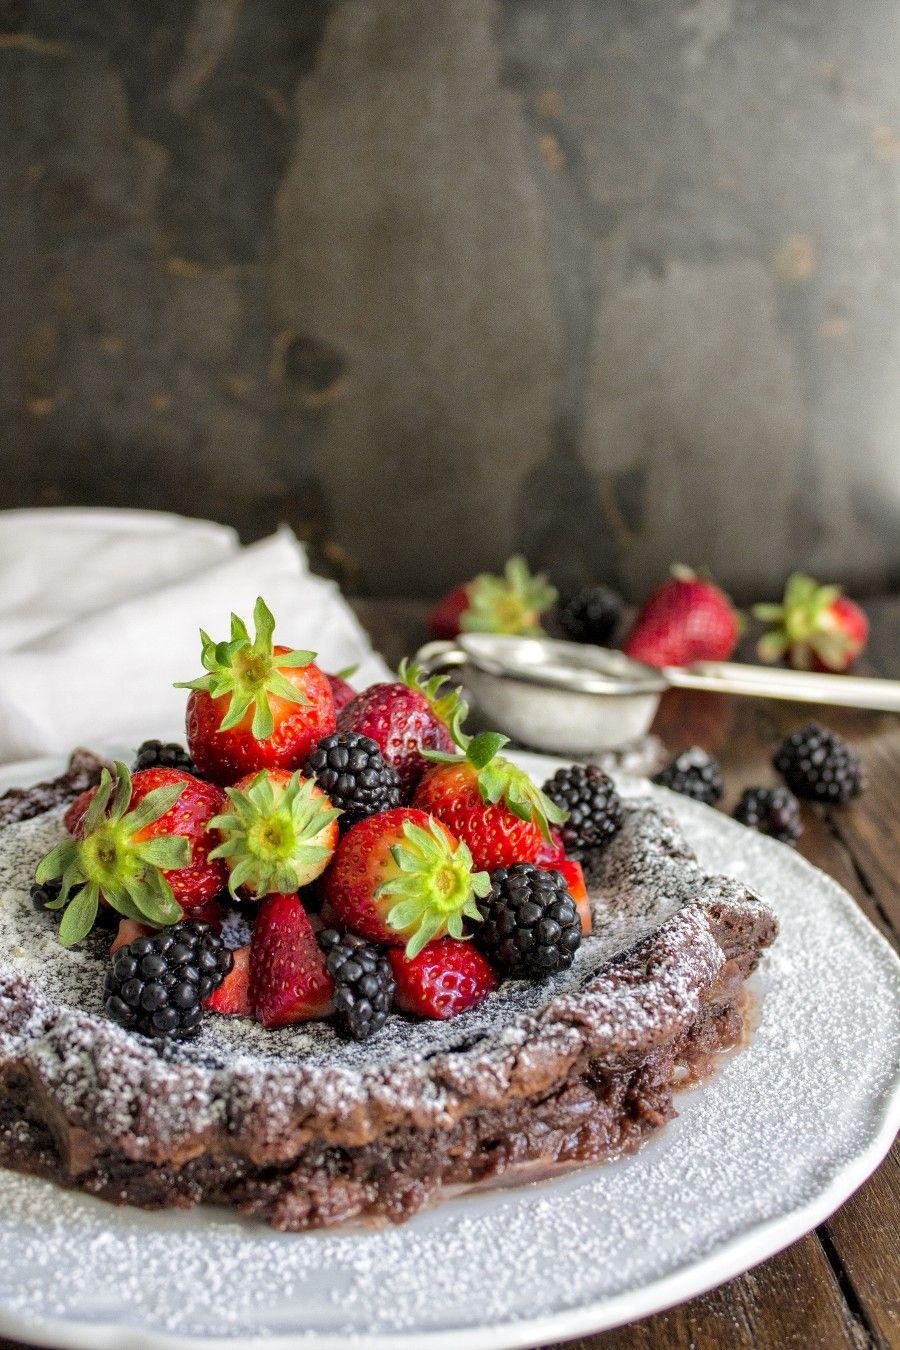 torta-al-cioccolato-fondente-fragole-4-contemporaneo-food